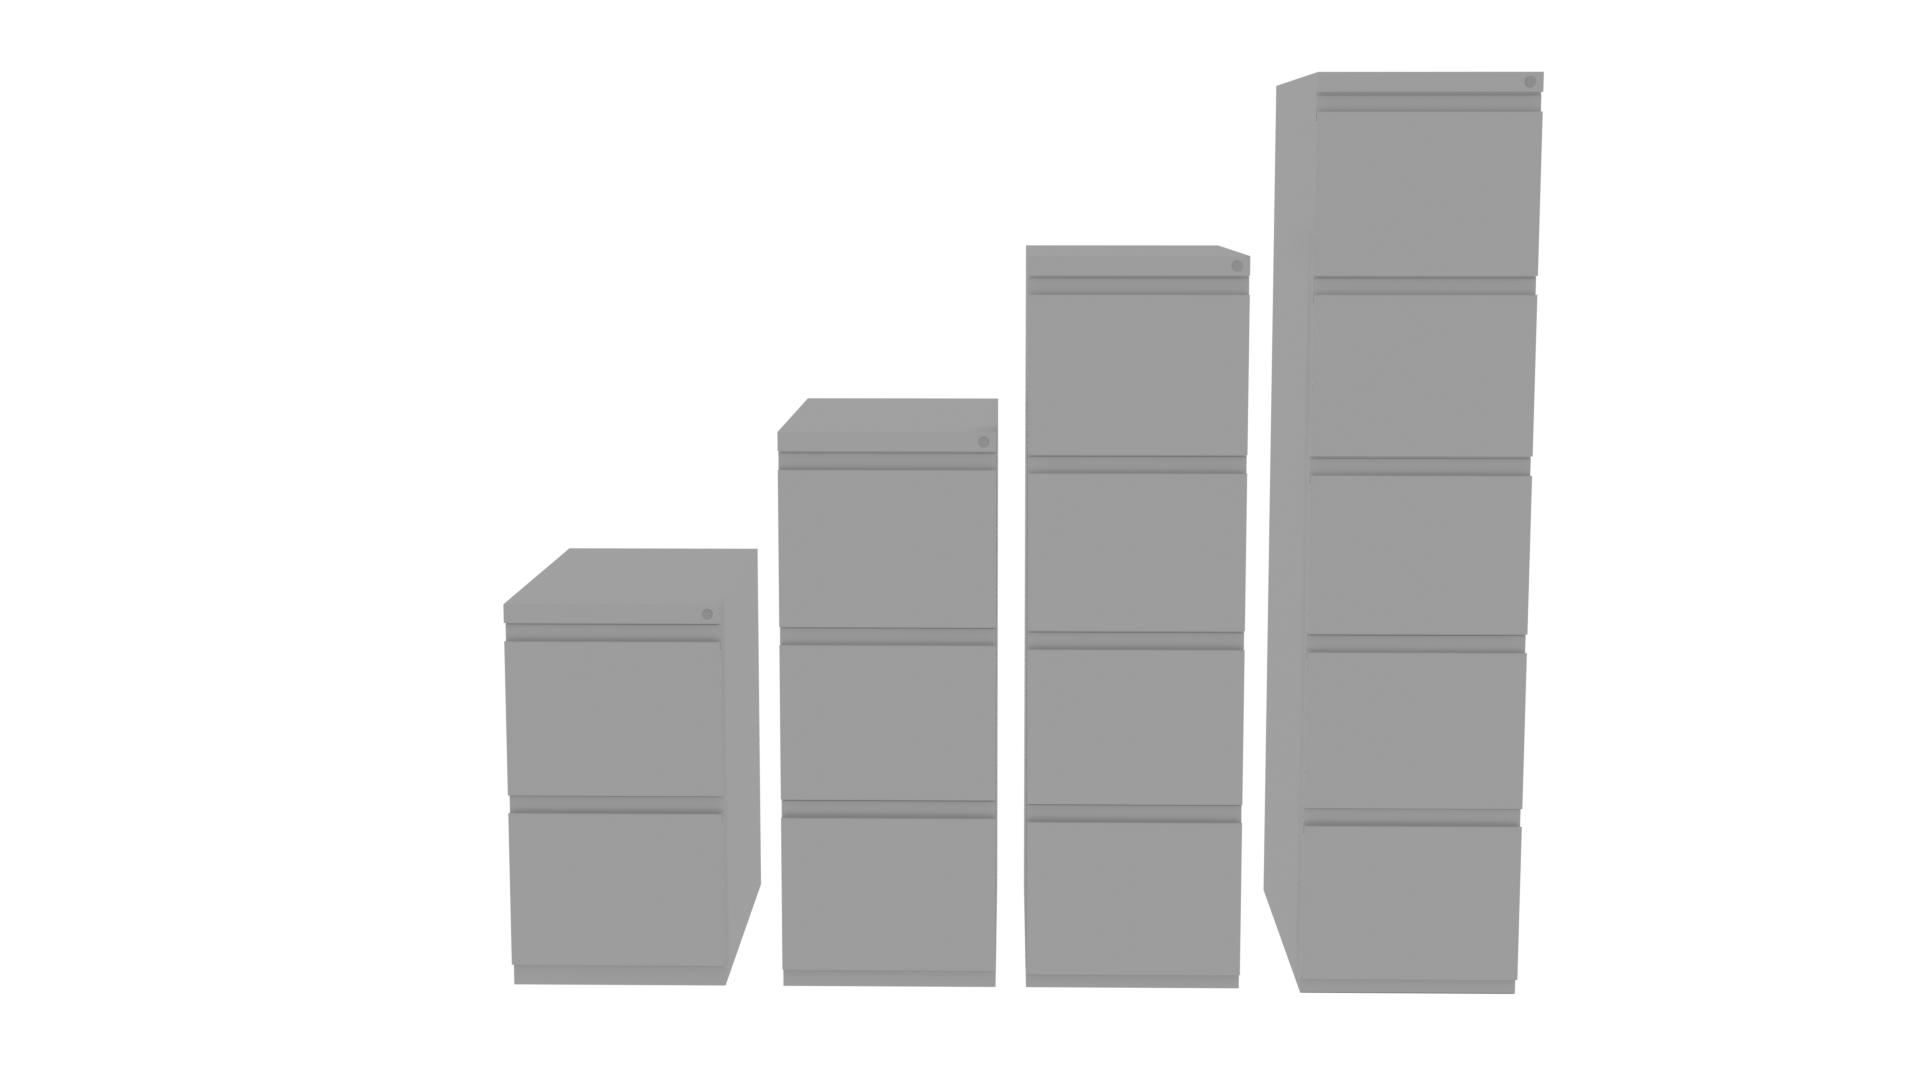 gen2 vertical files